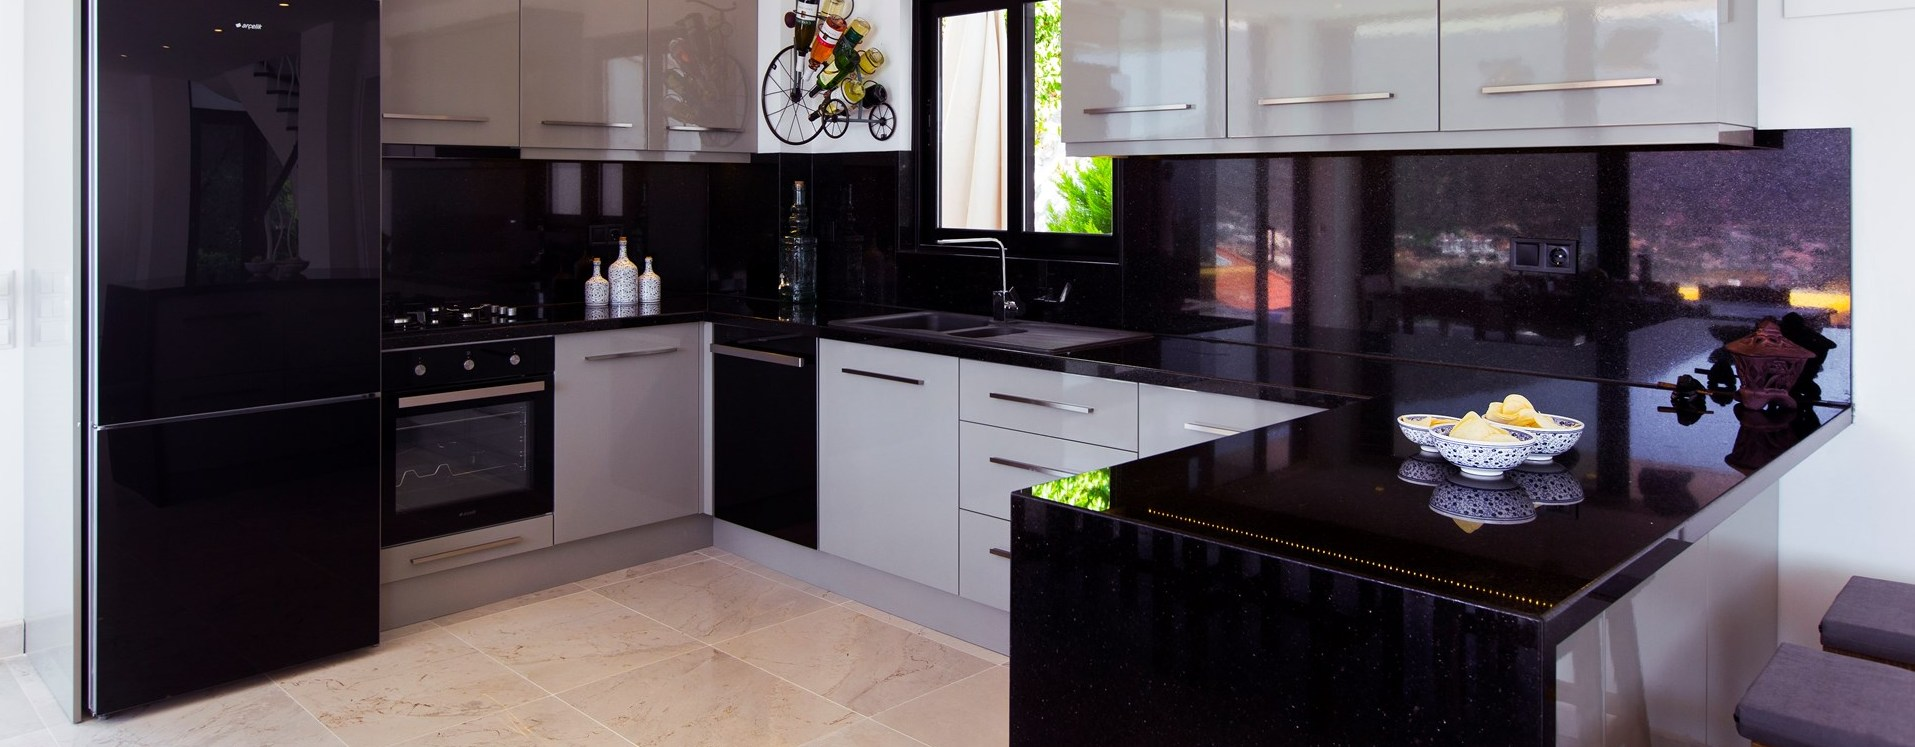 villa-kalamar-modern-kitchen